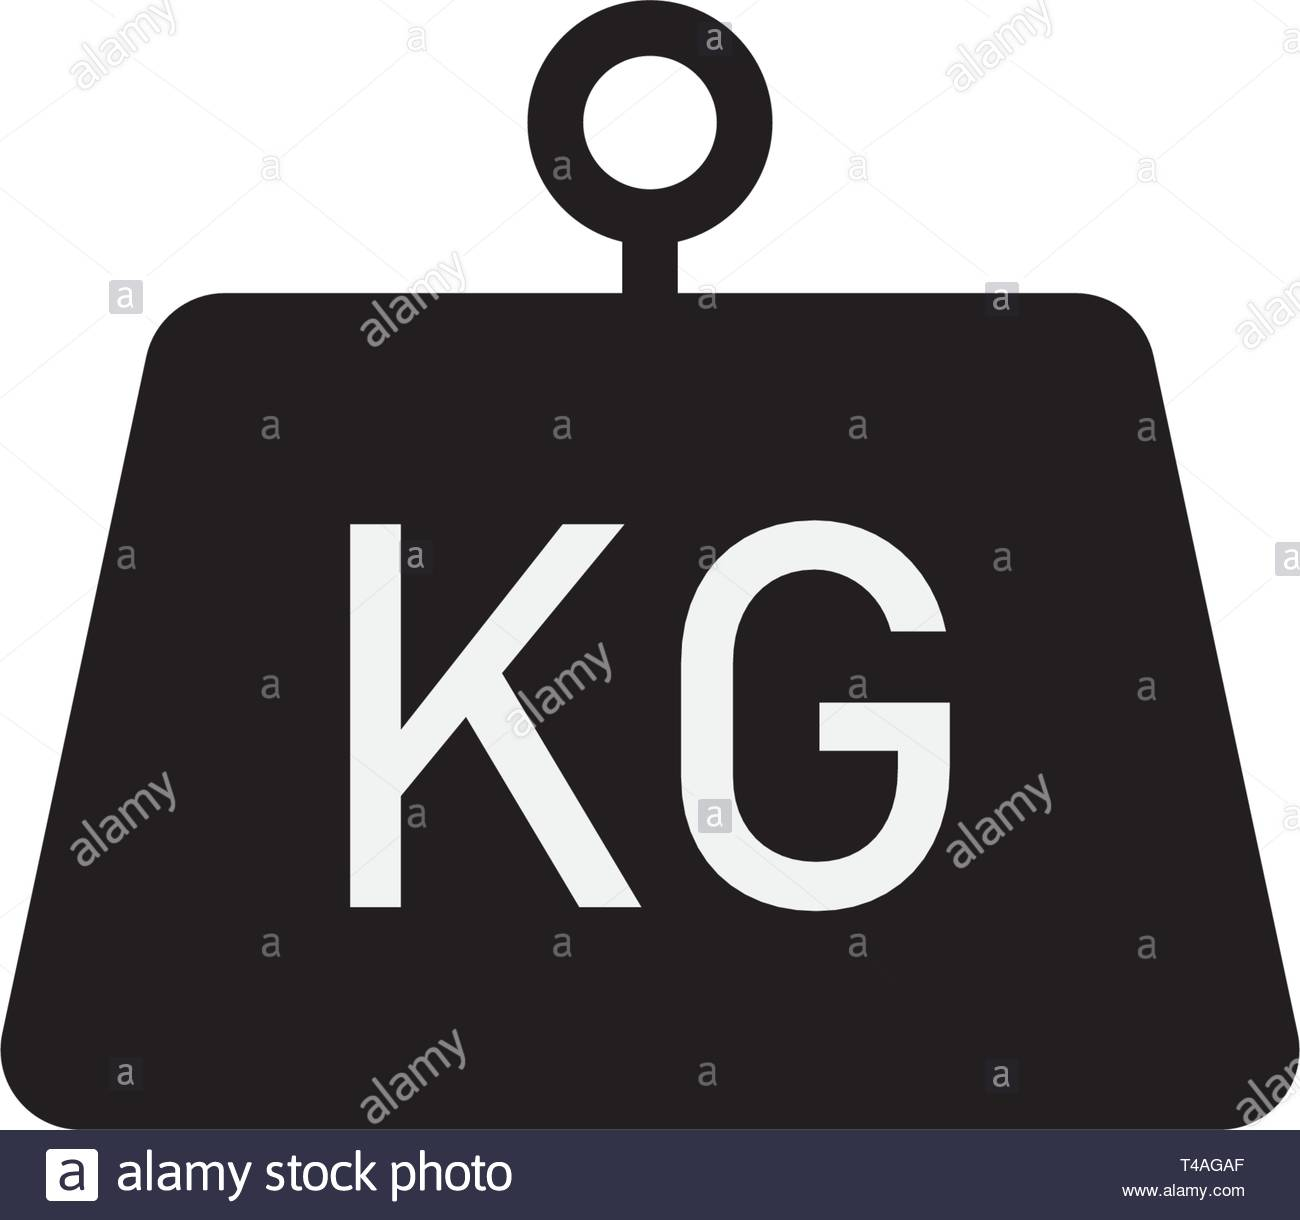 Kilogram vector icon flat style isolated on white background - Stock Image